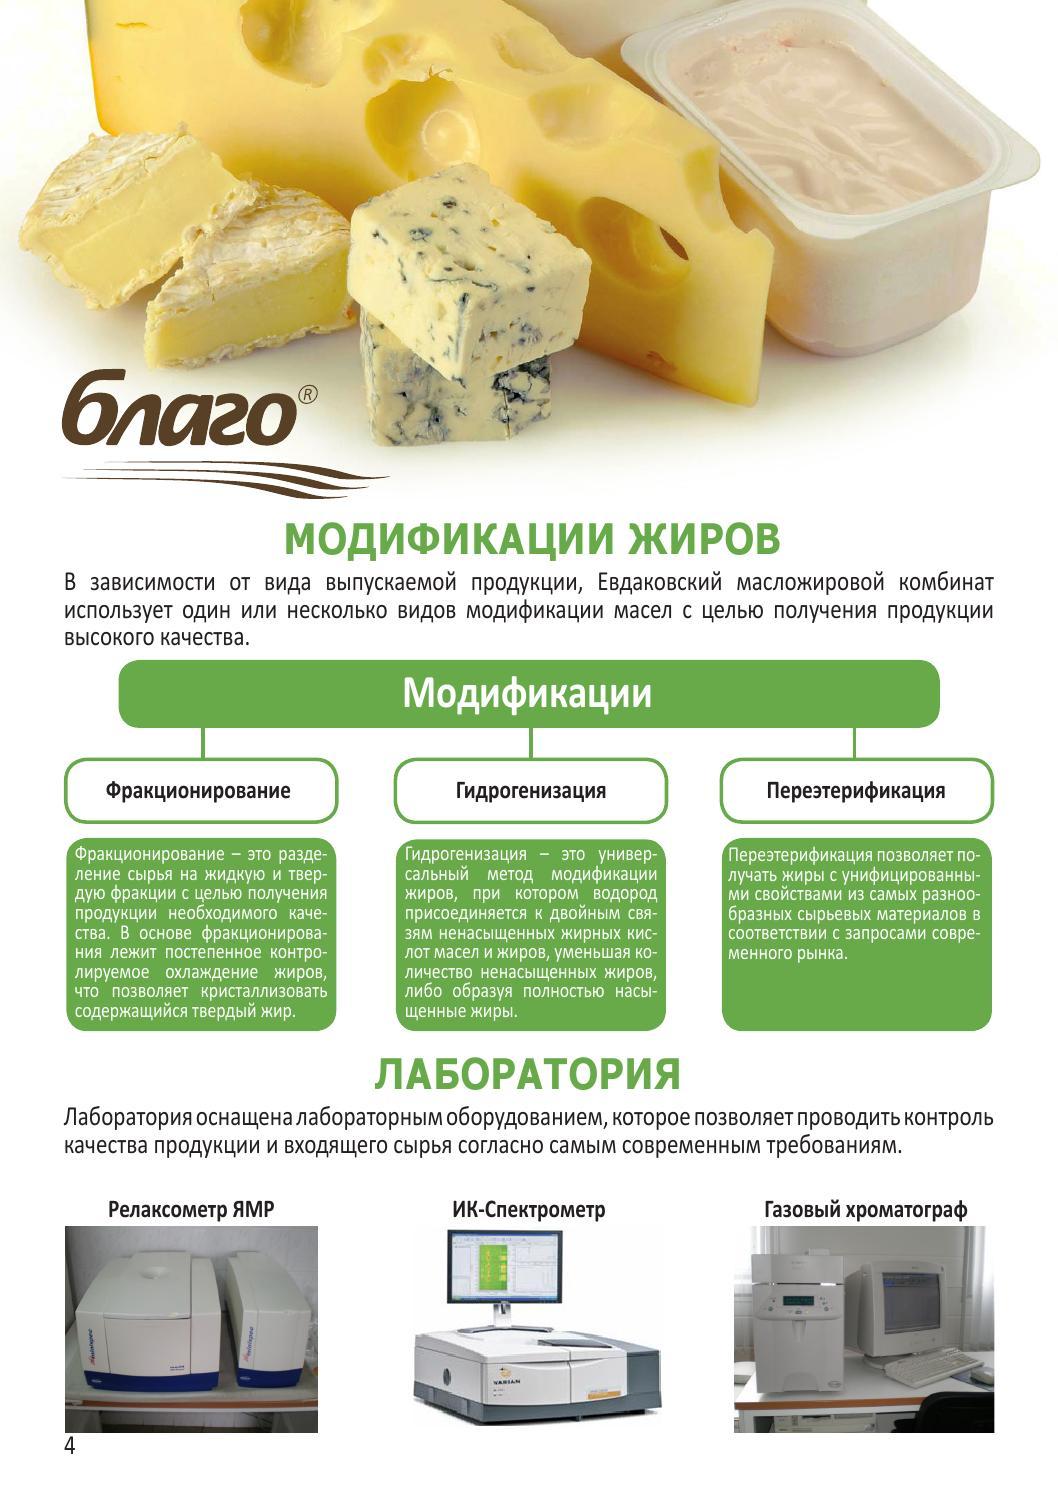 Читать книгу промышленные технологии производства молочных продуктов о. в. богатовой : онлайн чтение - страница 9